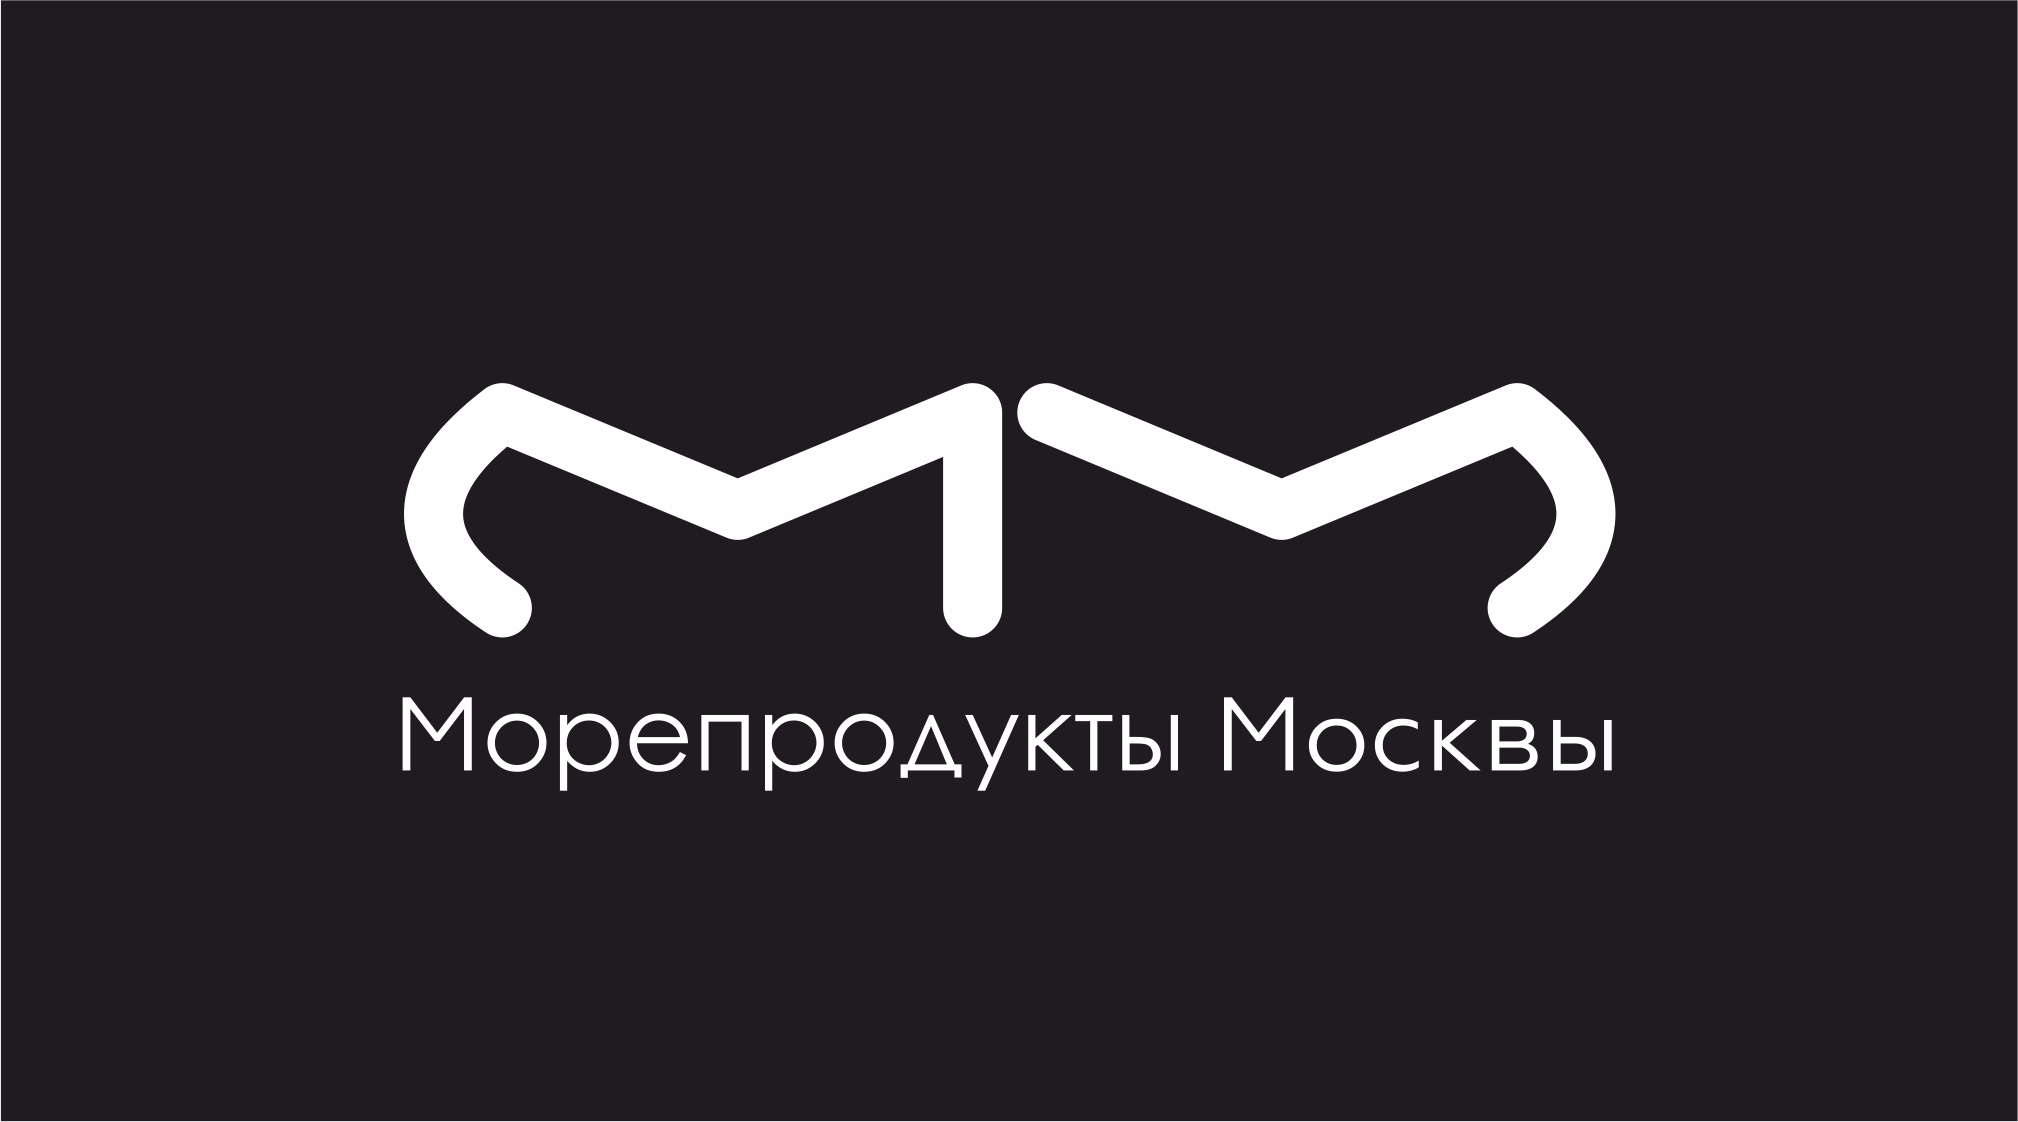 Разработать логотип.  фото f_6695ec69a2e9e73c.jpg